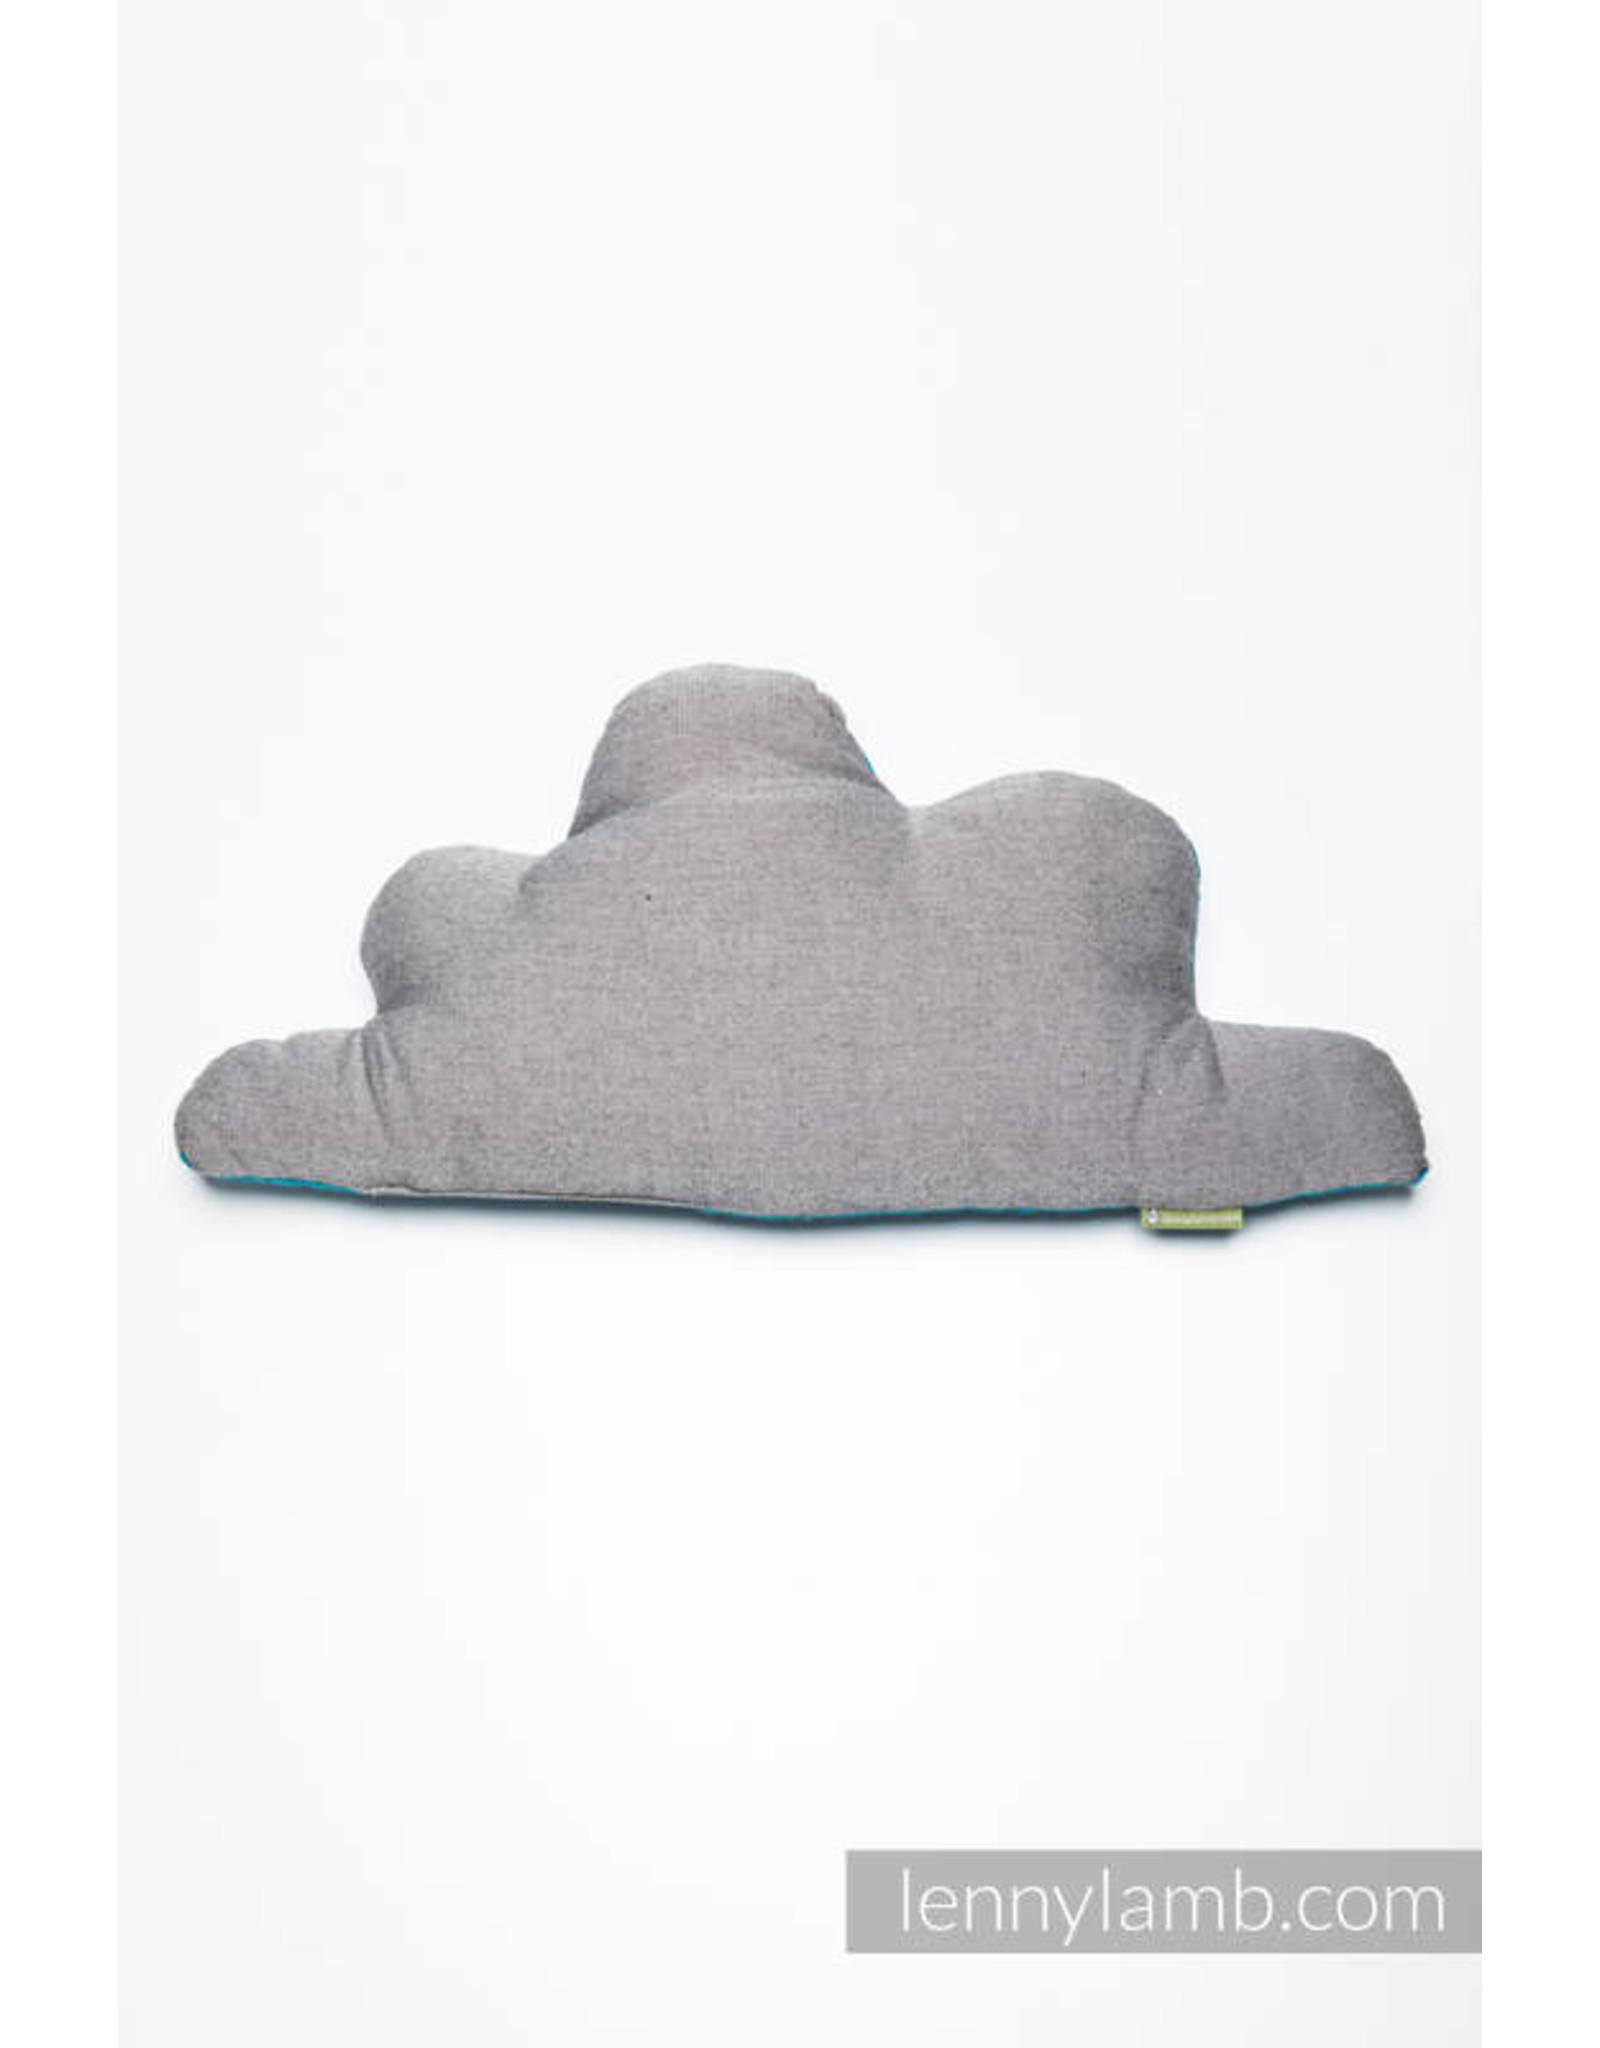 LennyLamb Wolkenkussen van LennyLamb in het blauw-grijs